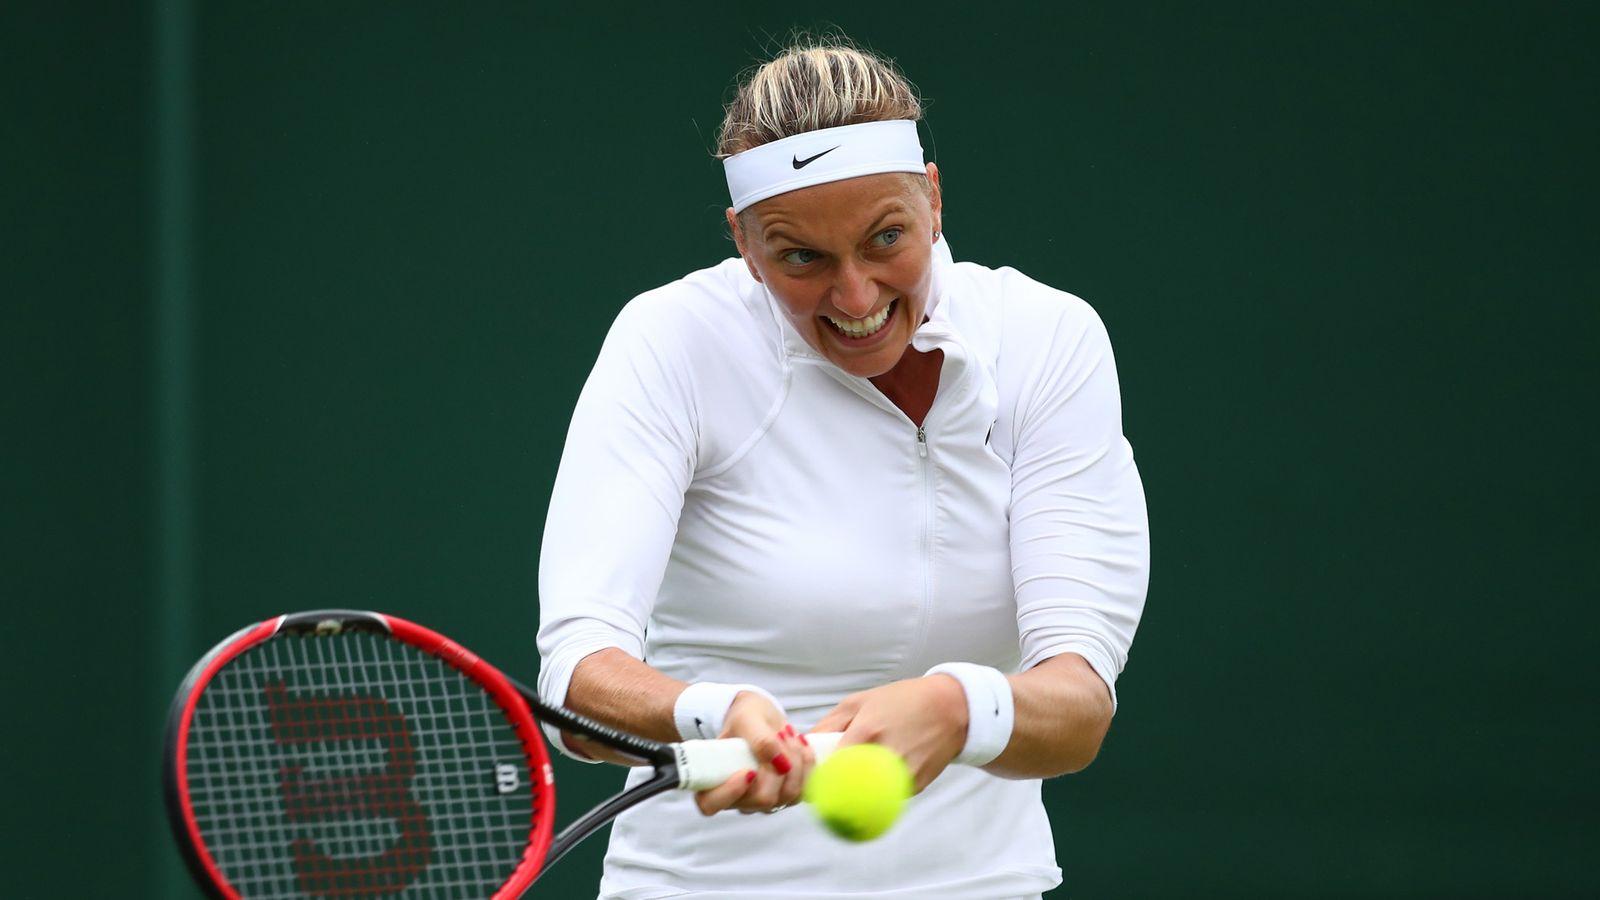 Wimbledon champion Petra Kvitova's career in jeopardy ...